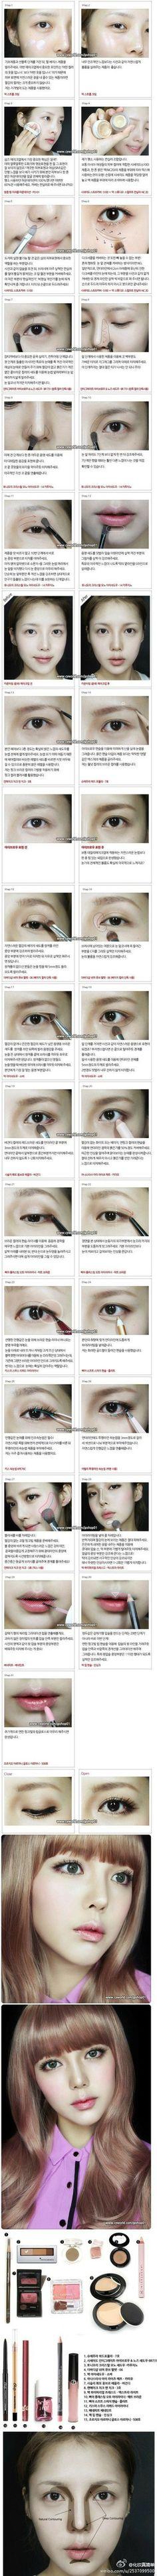 【韩国PONY彩妆】这次的鼻影画法好值得学习~~ - 堆糖 发现生活_收集美好_分享图片